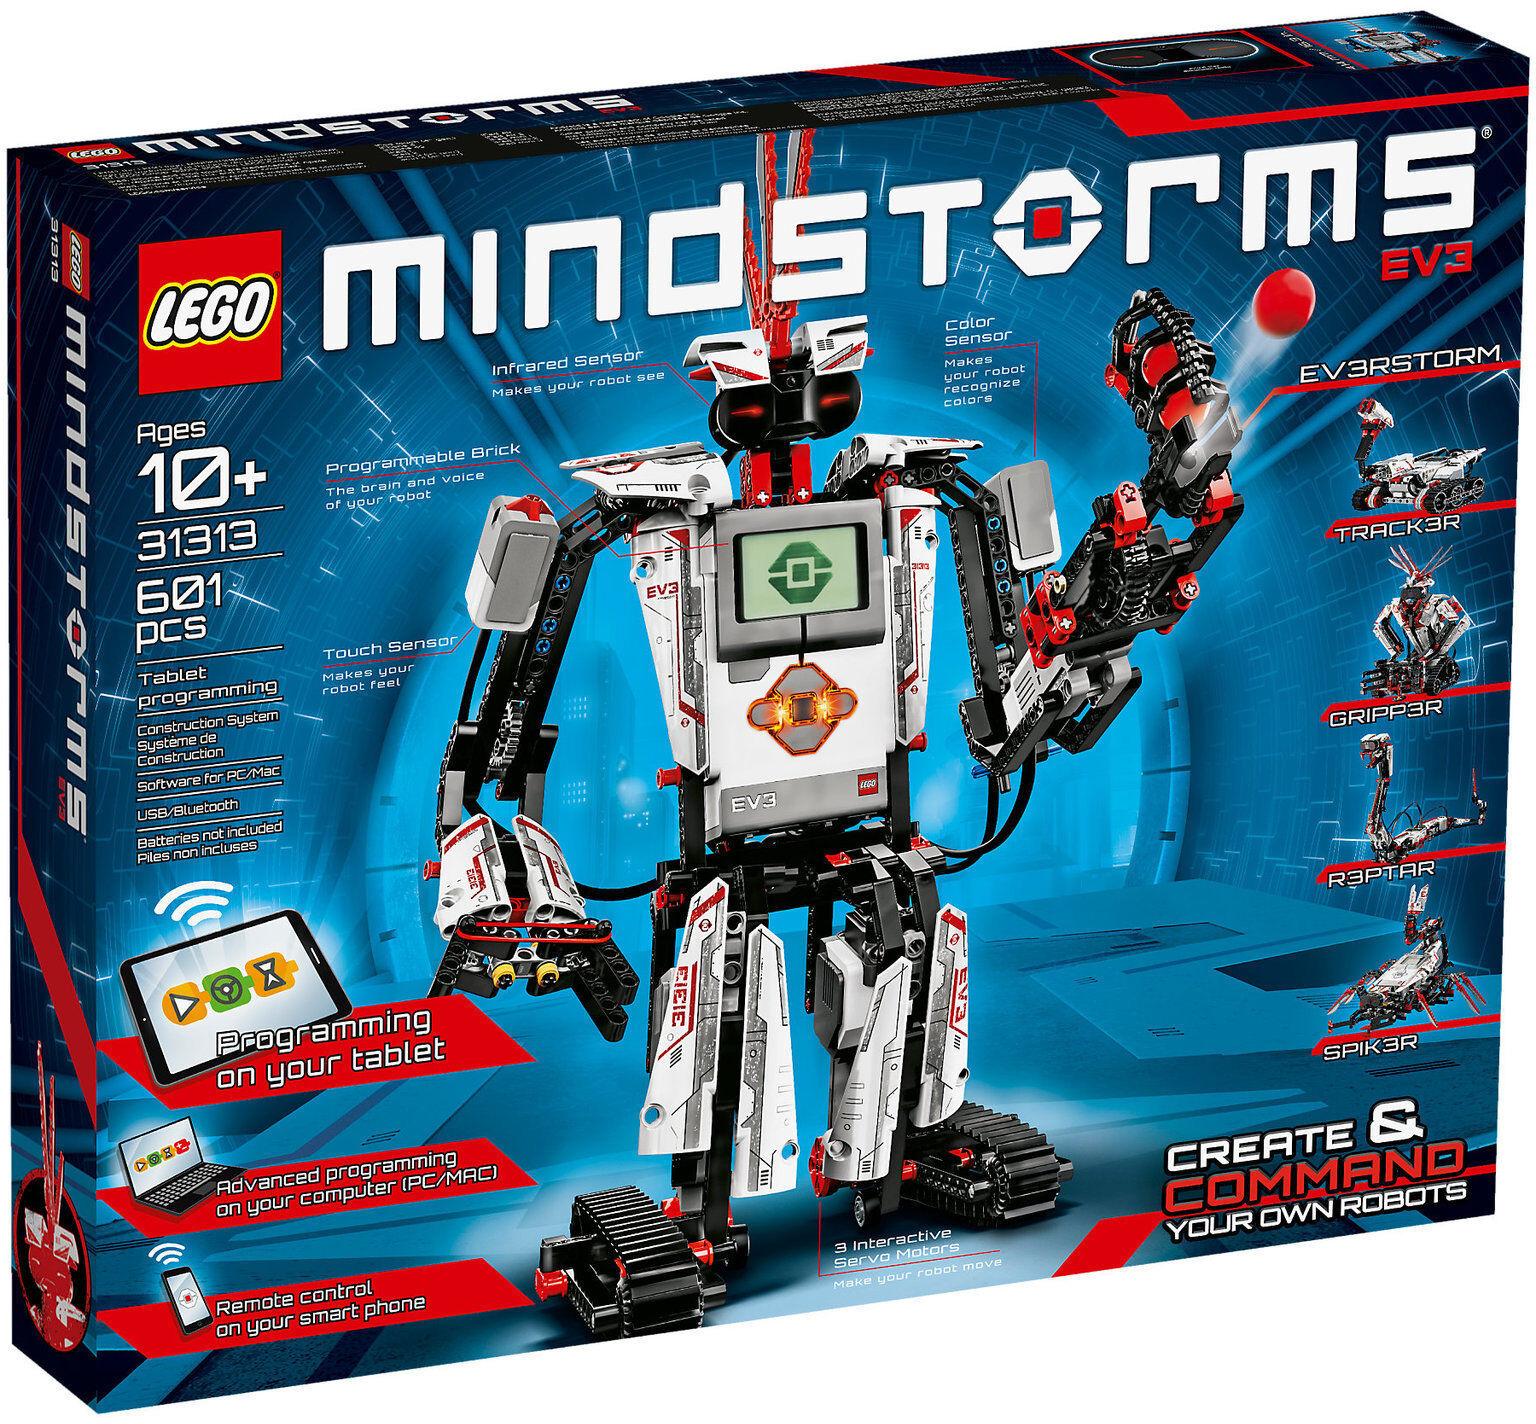 LEGO 31313 MINDSTORMS® EV3 7+ Pz 601